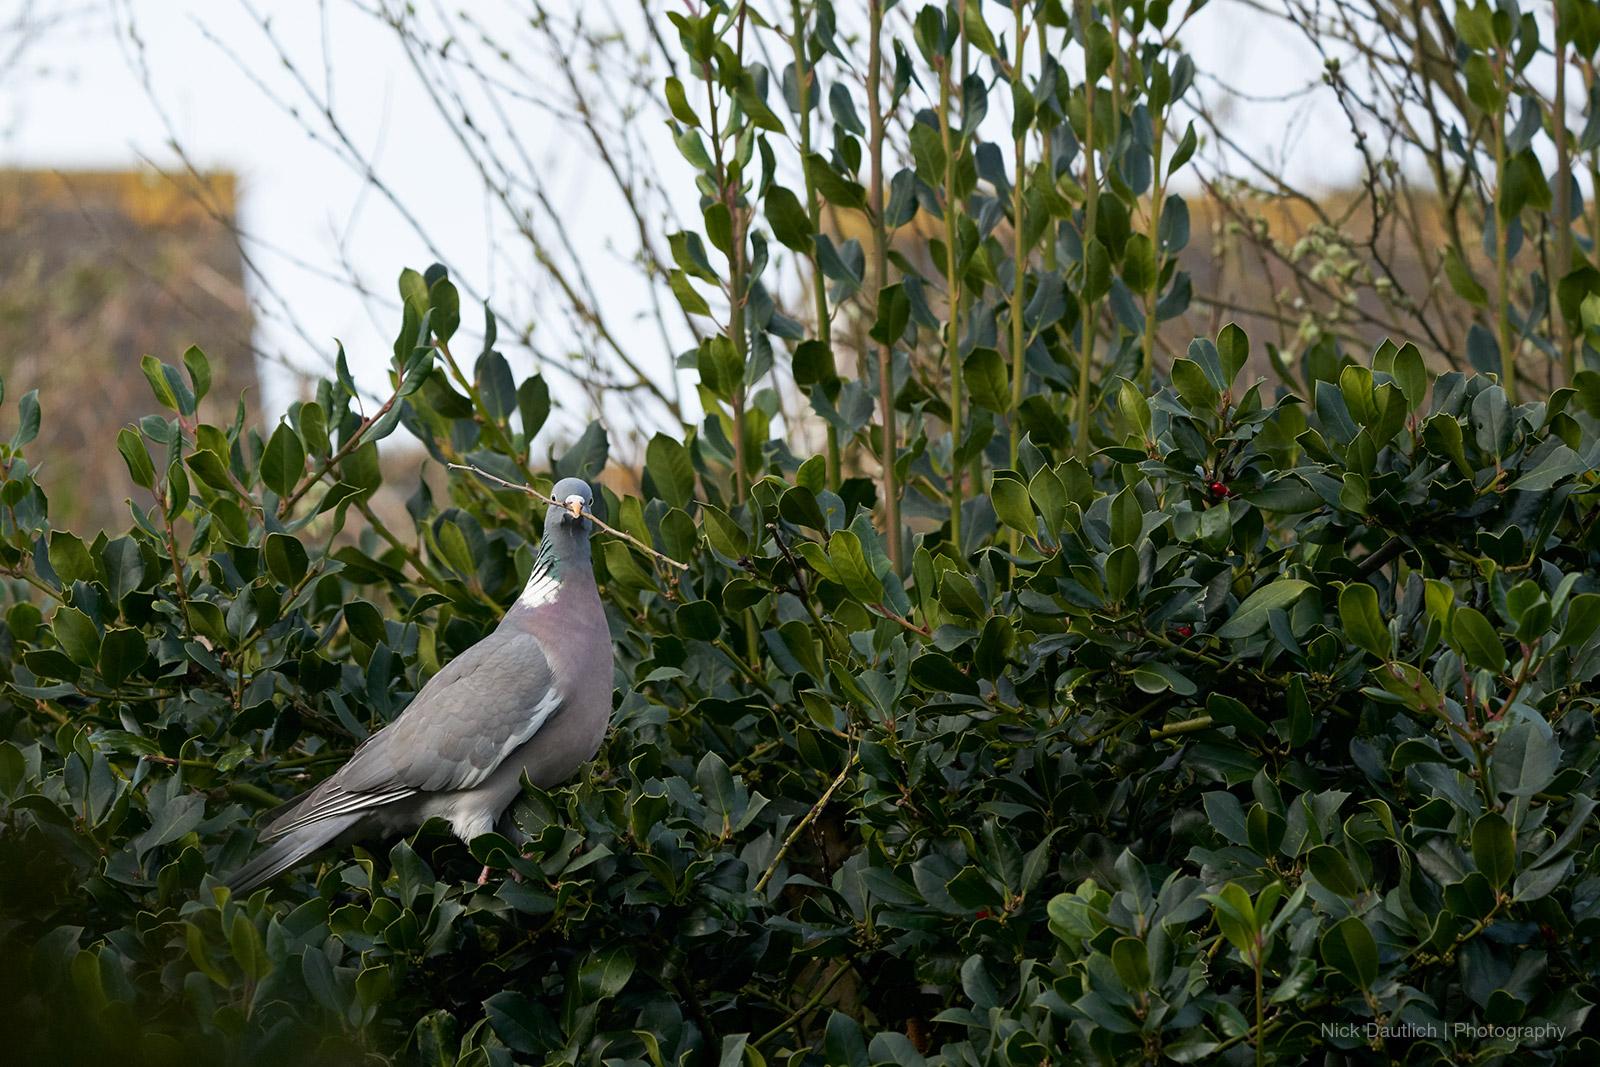 Garden woodpigeon nesting